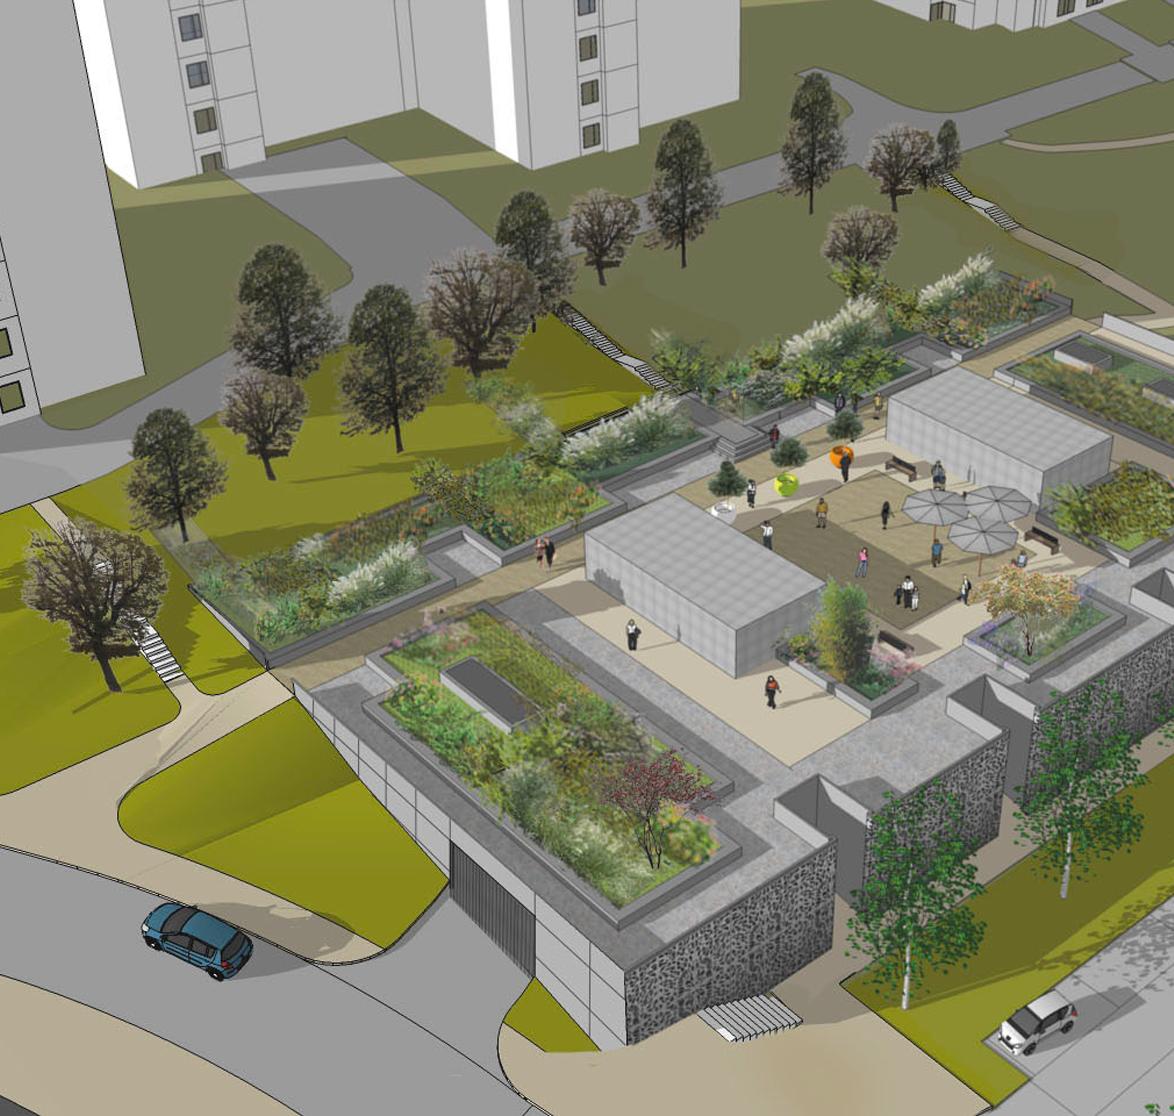 Osmose Paysage à Yssingeaux imagine et façonne des espaces fonctionnels